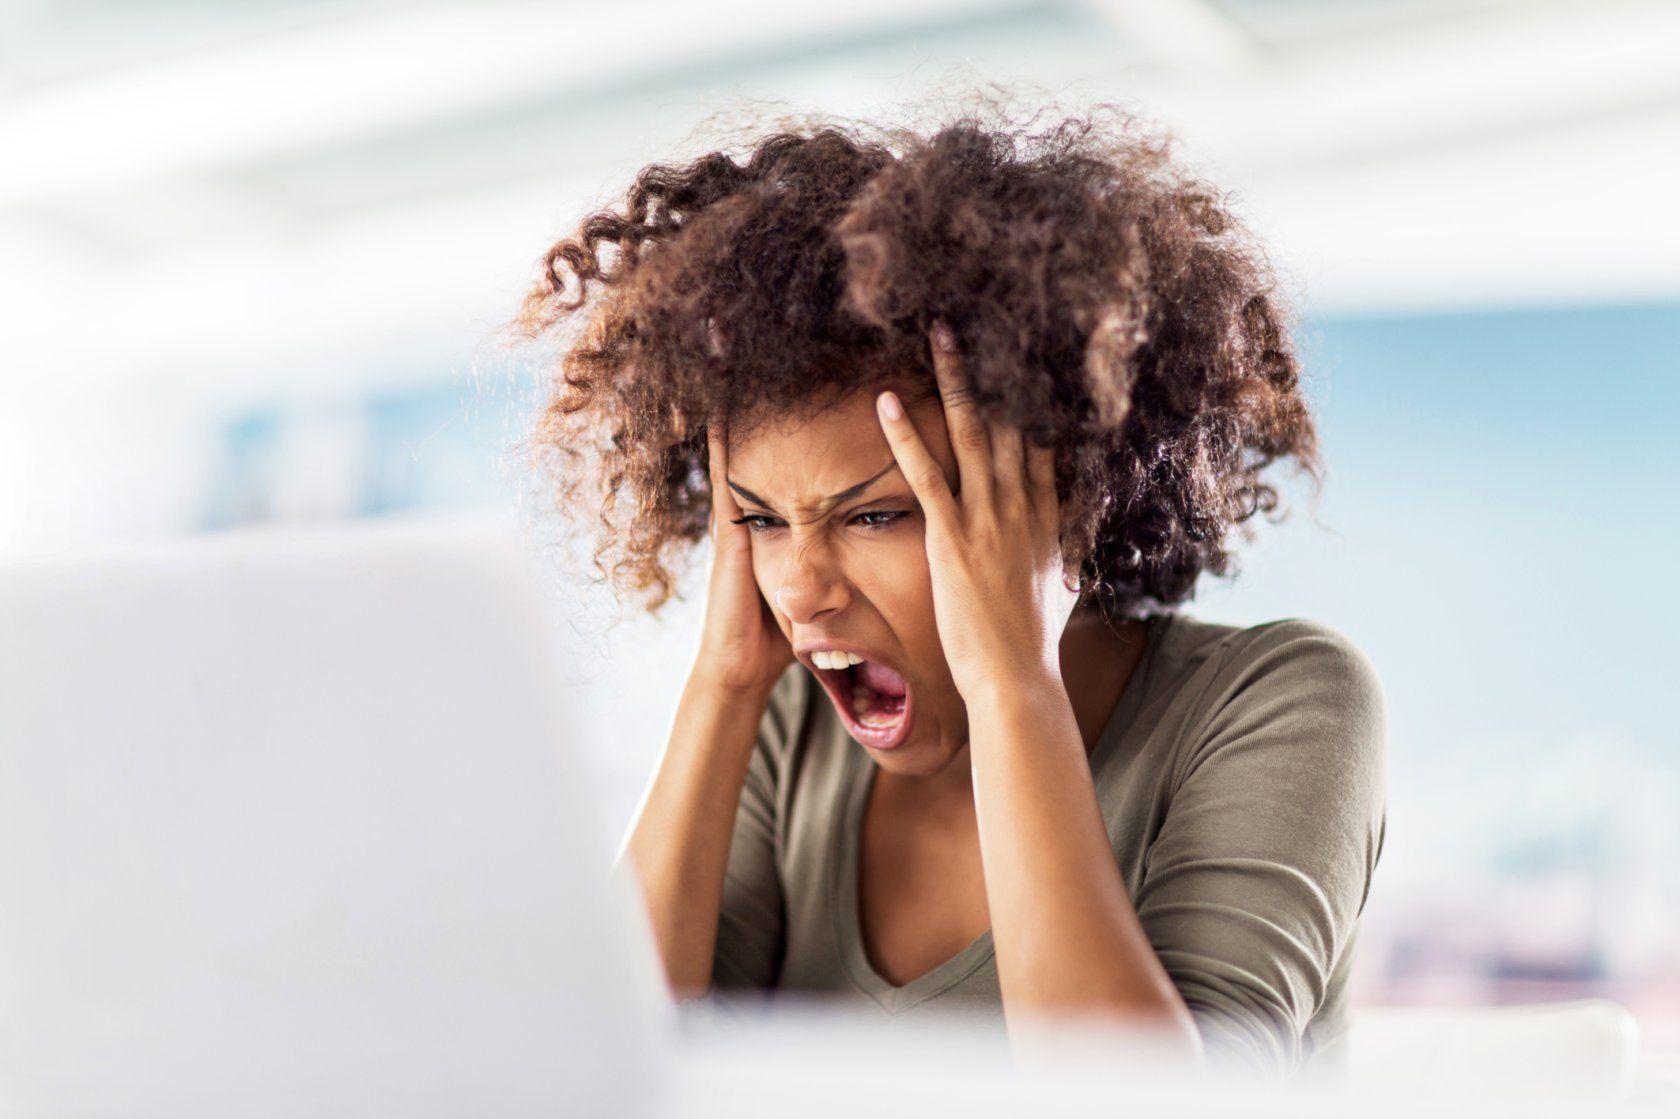 Mie Instan Berbahaya bagi Tubuh? Ini 7 Faktanya Menurut Dokter